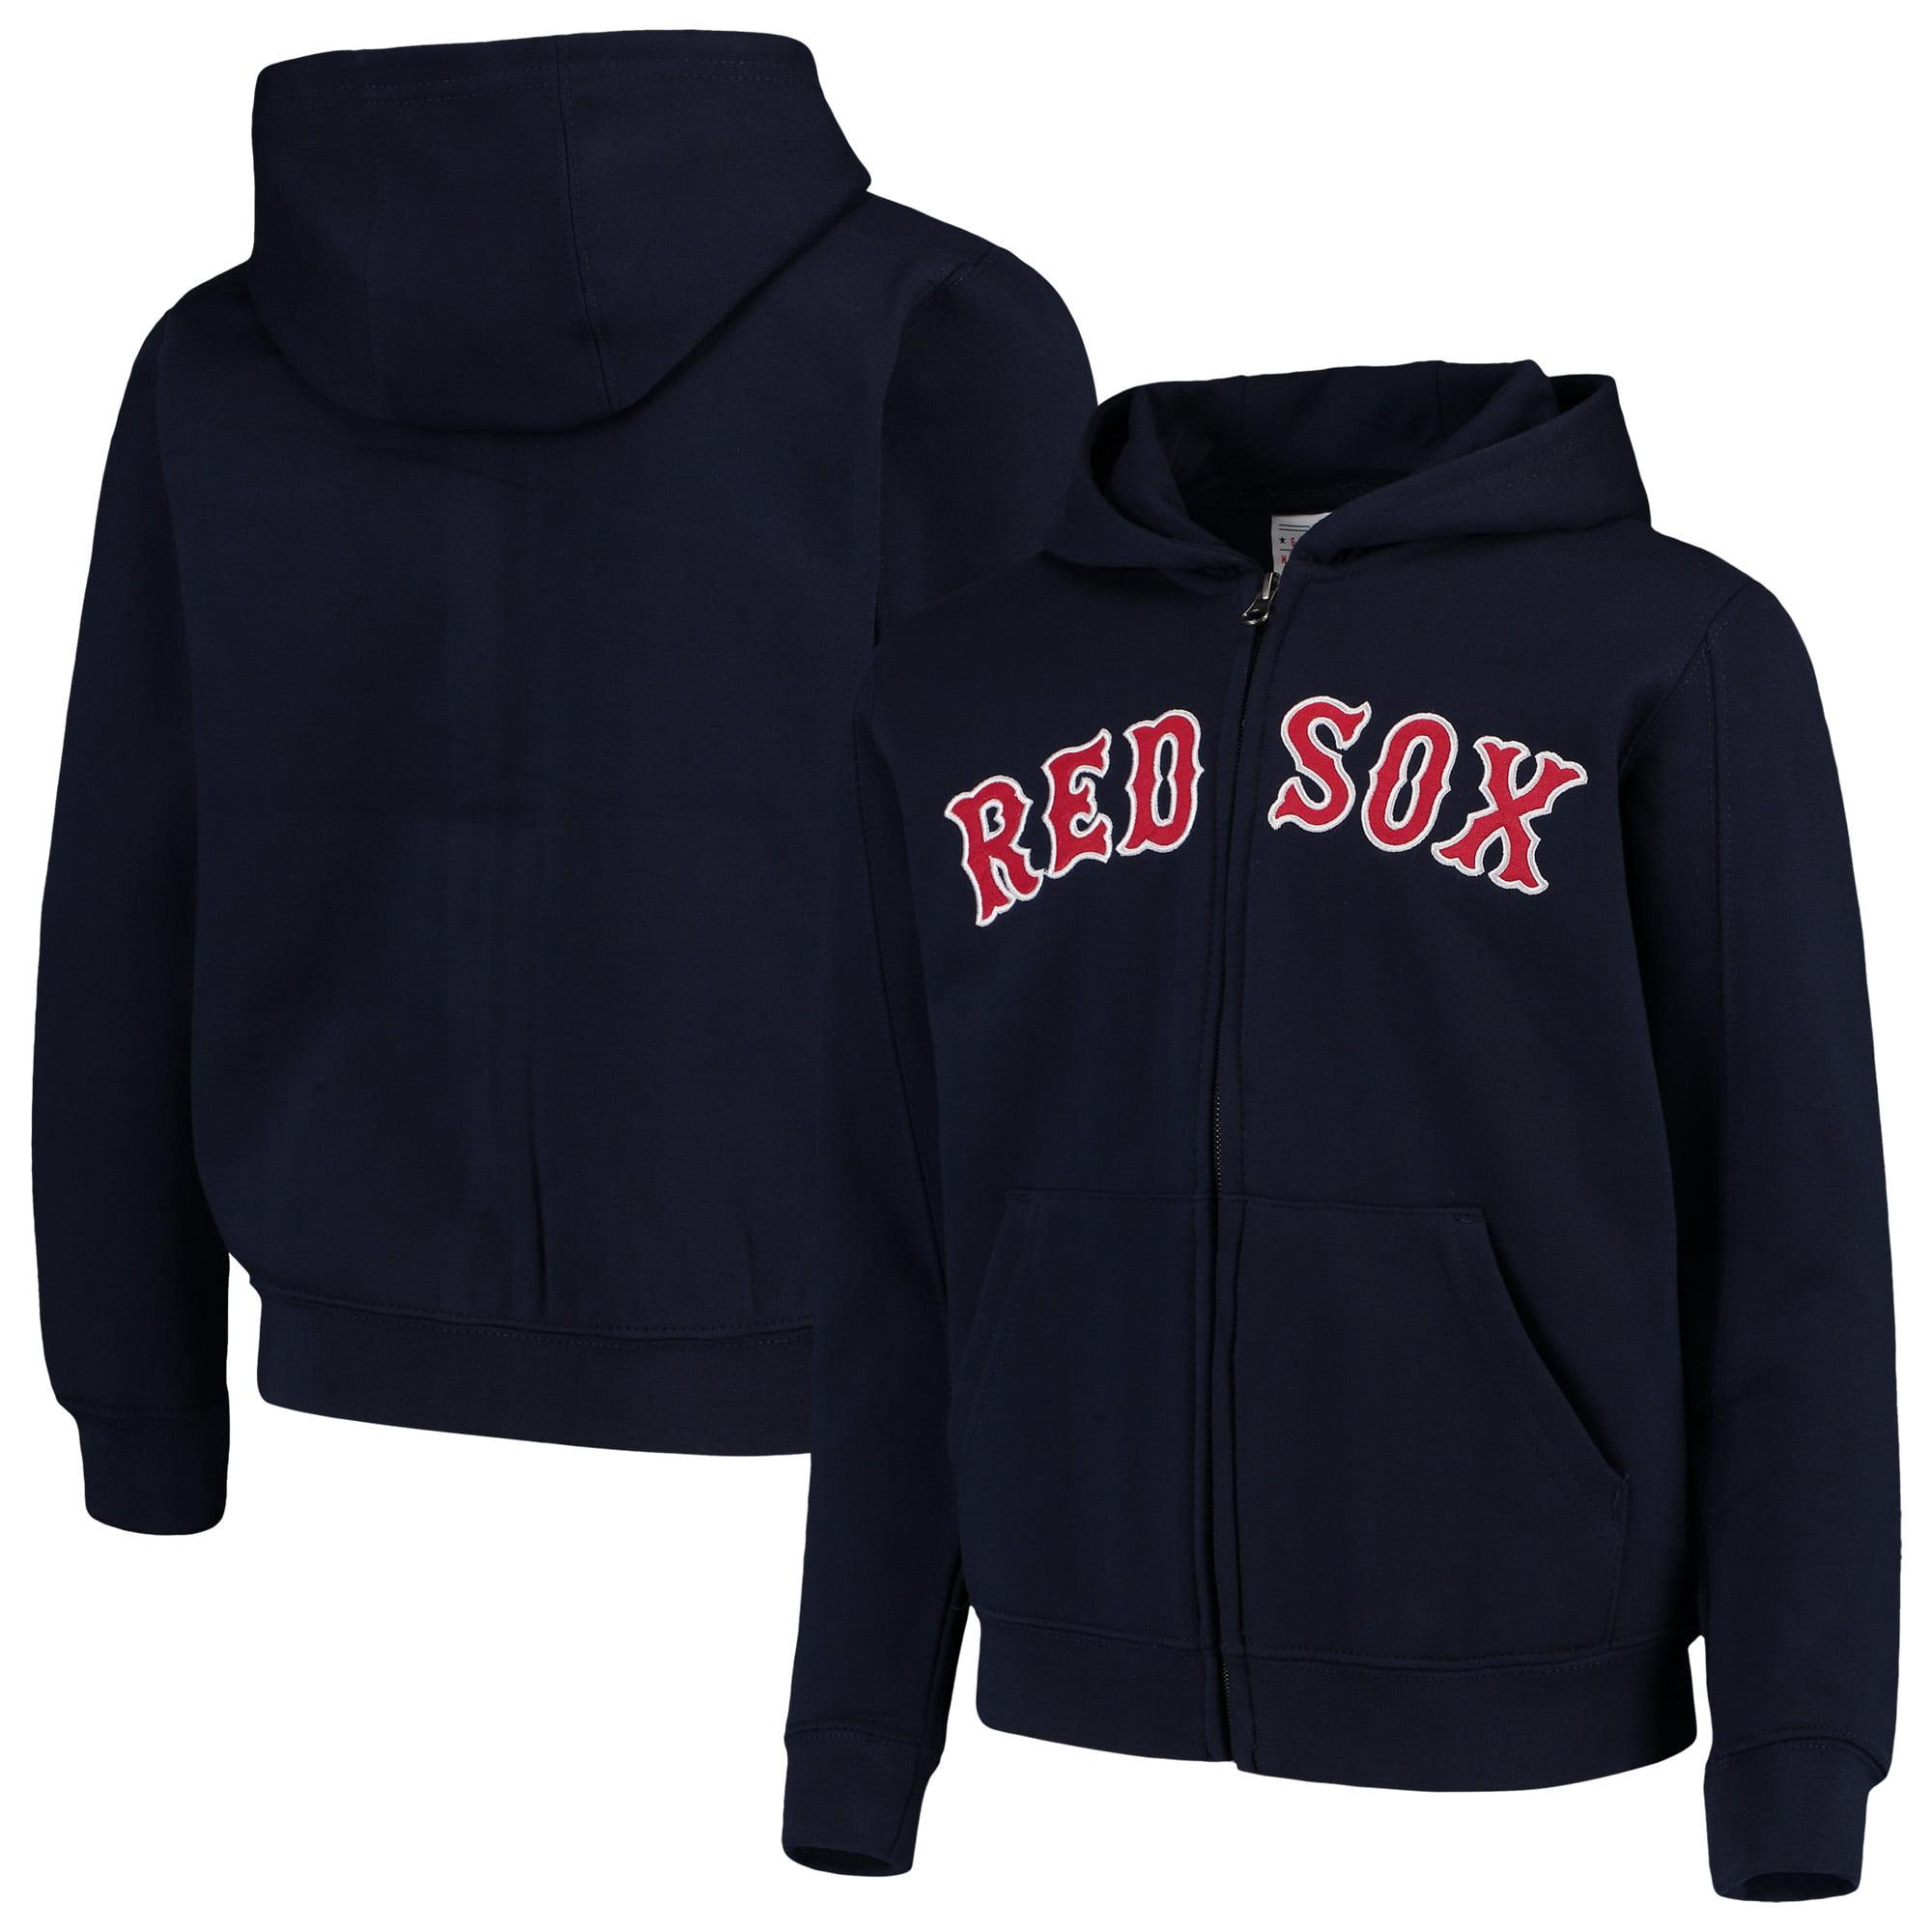 Boston Red Sox Youth Team Color Wordmark Full-Zip Hoodie - Navy